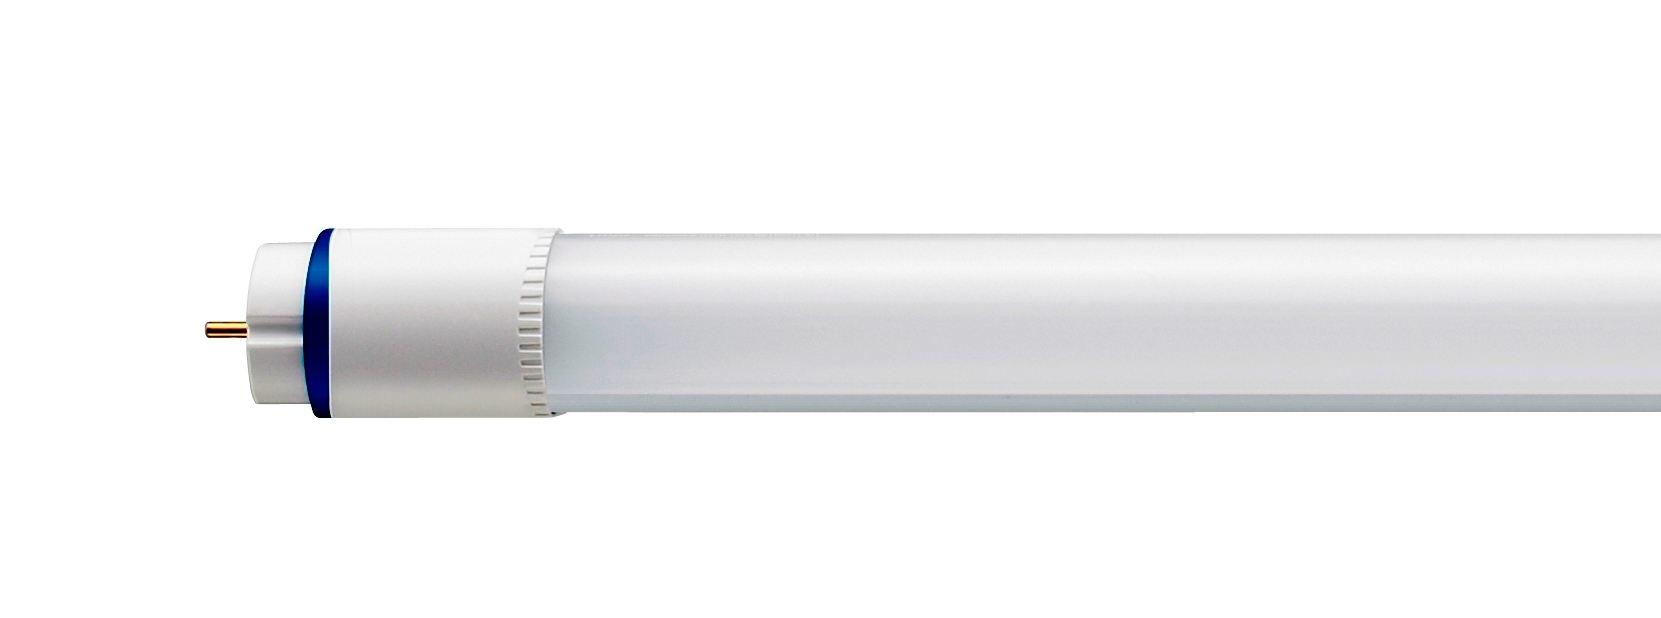 Samsung GU14H5018R8HEU 36W G13 Bianco lampada LED